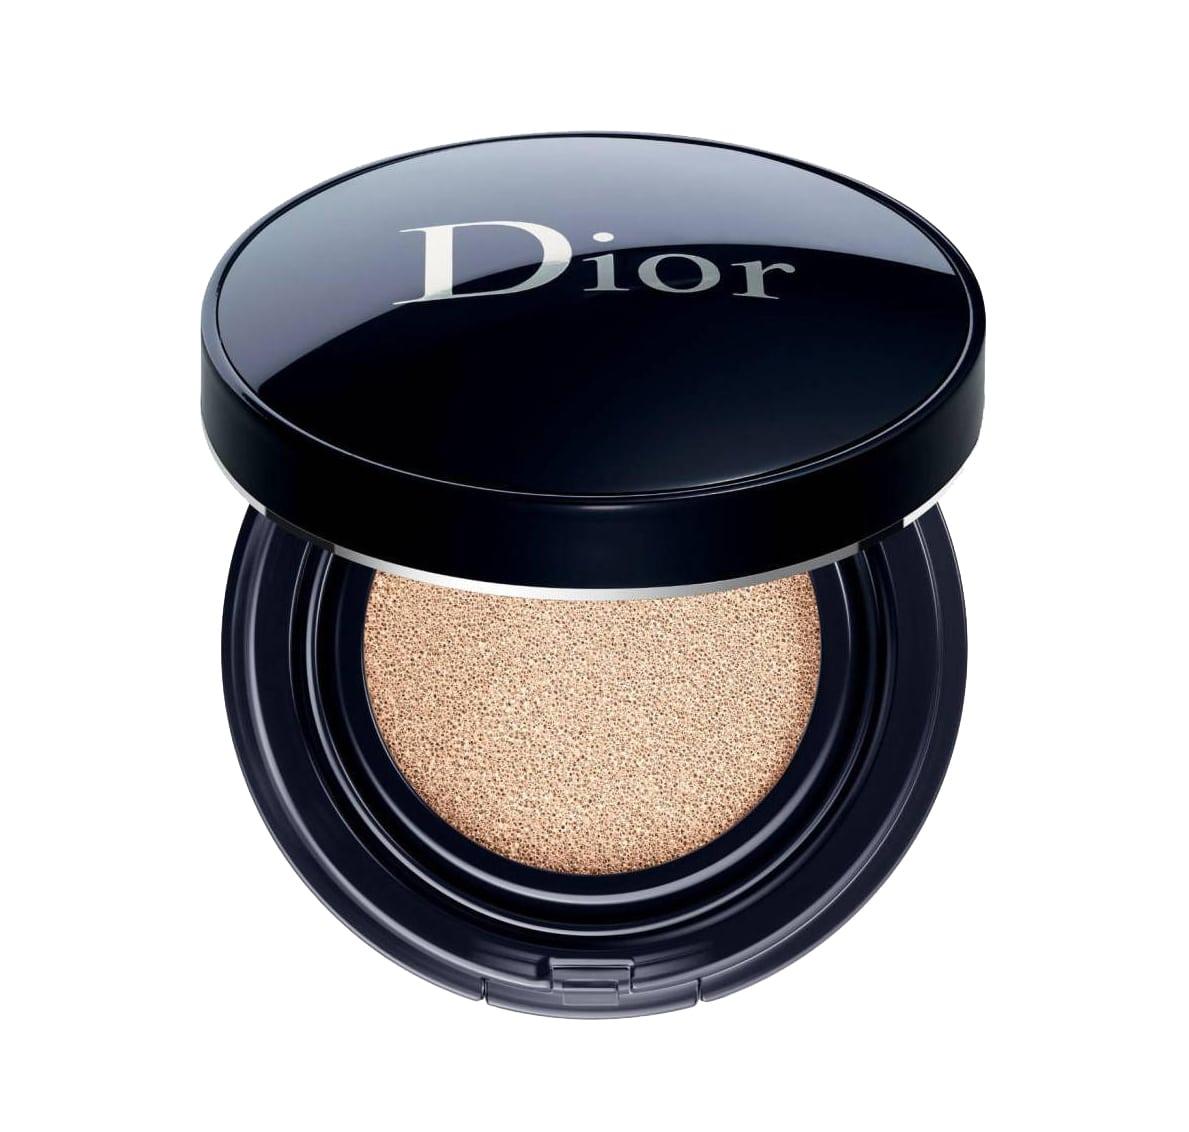 Dior Diorskin Forever Perfection Cushion Fondotinta: info, prezzo, recensione, opinioni, immagini, swatch, INCI